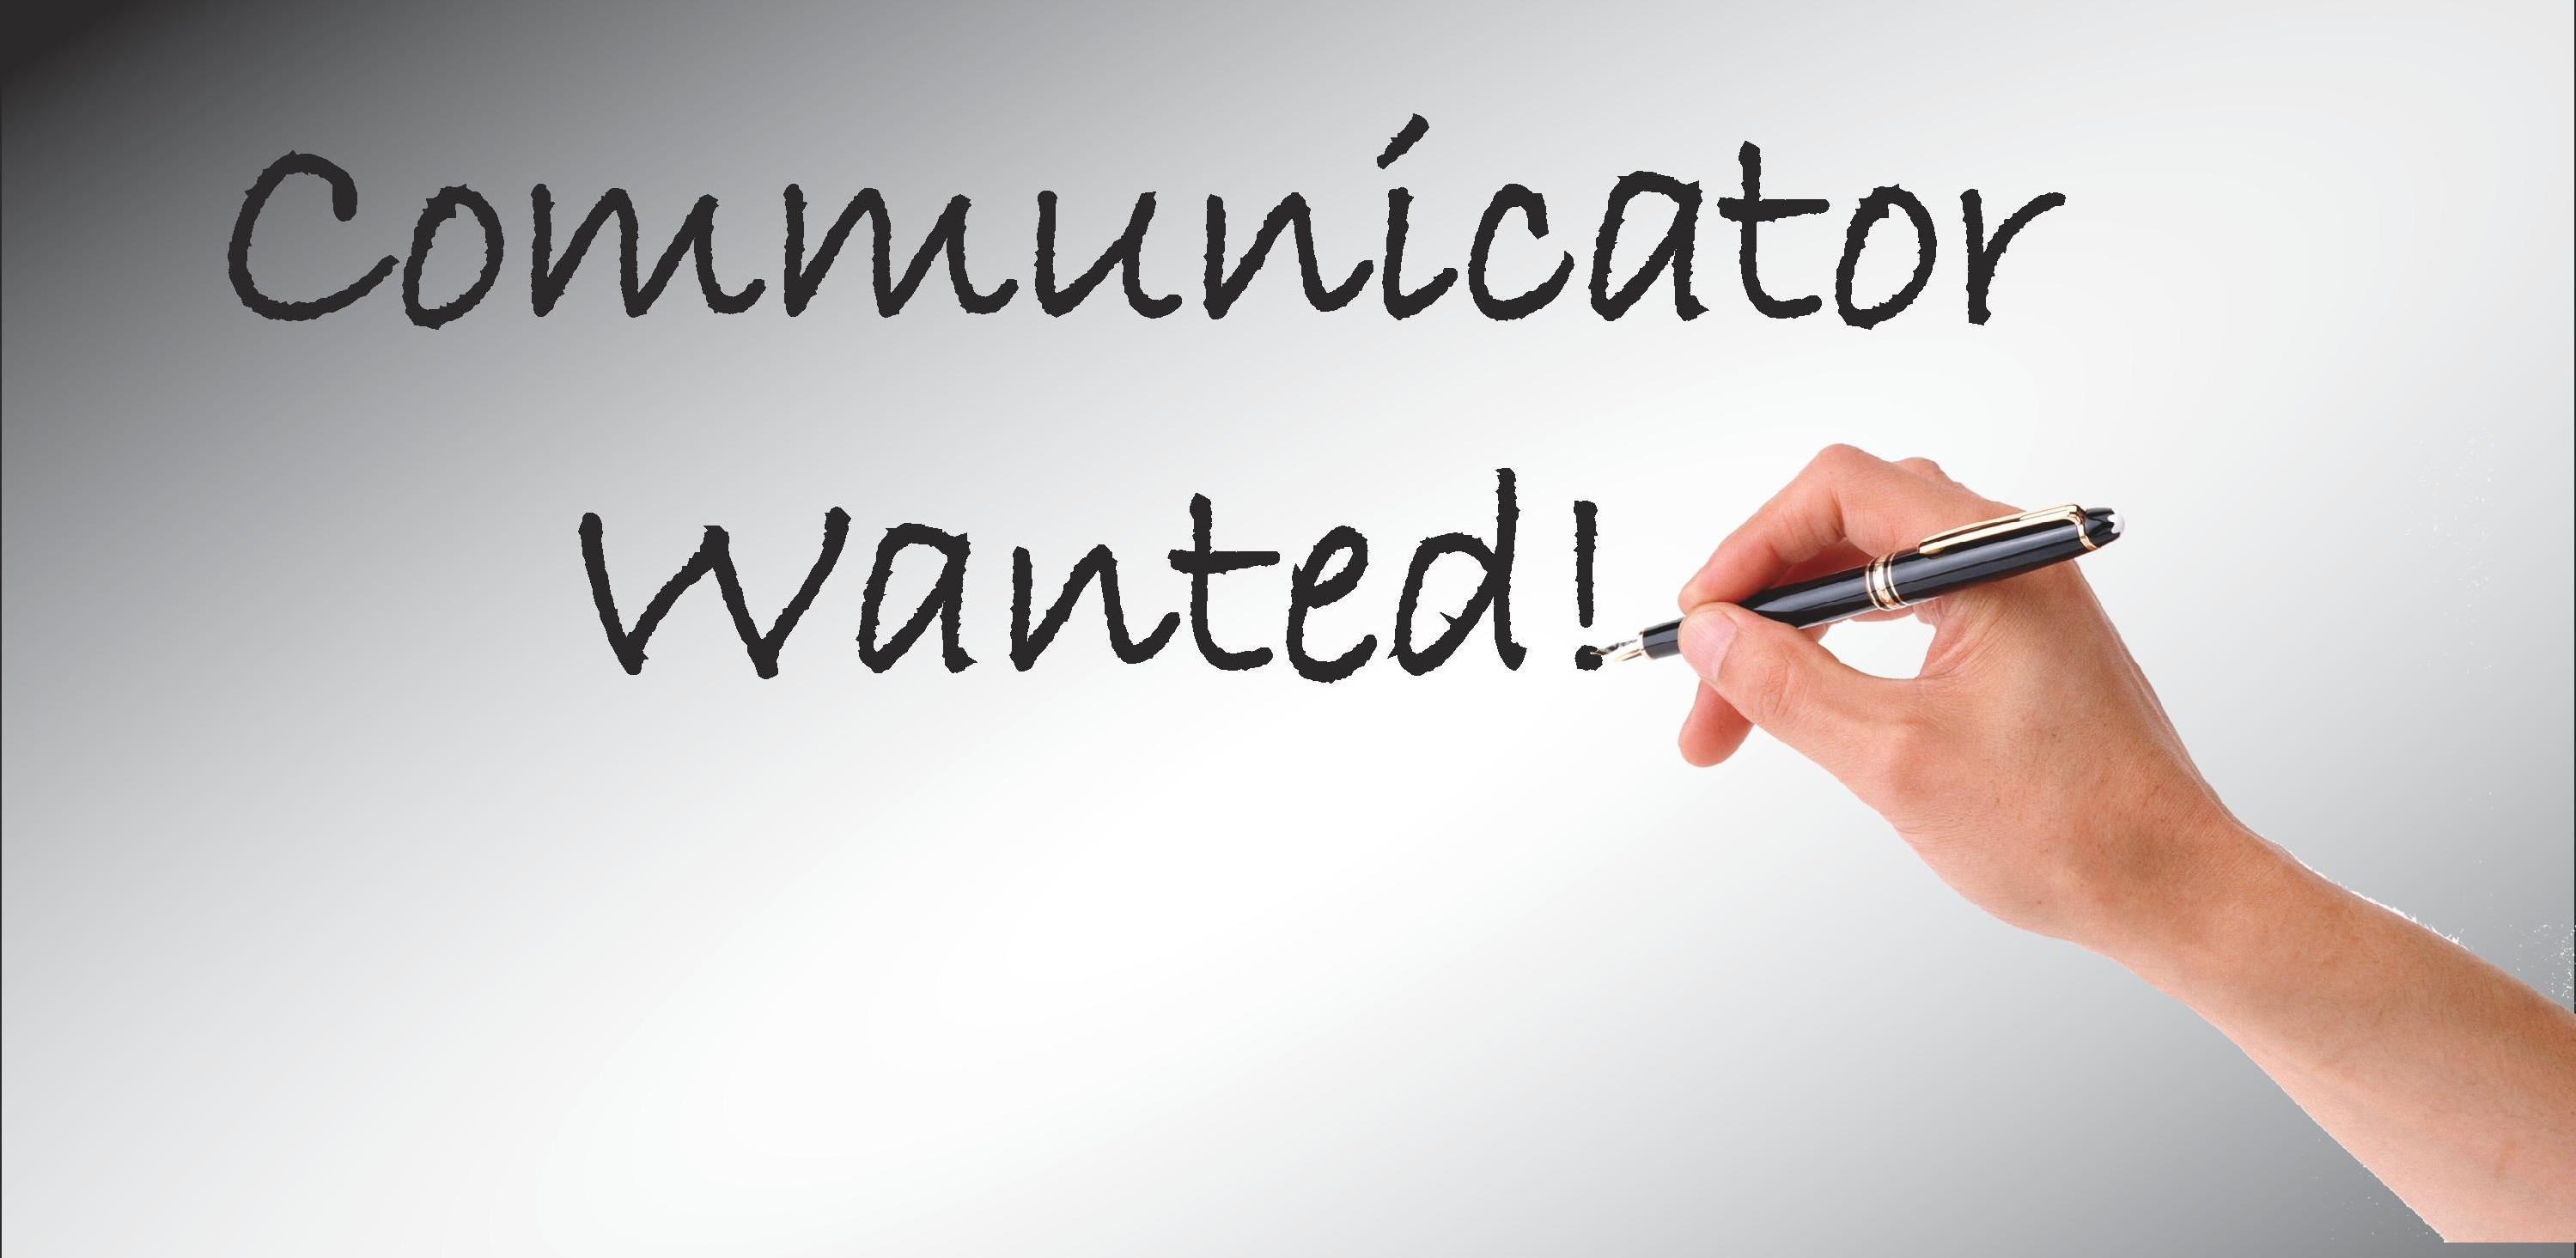 communicator wanted